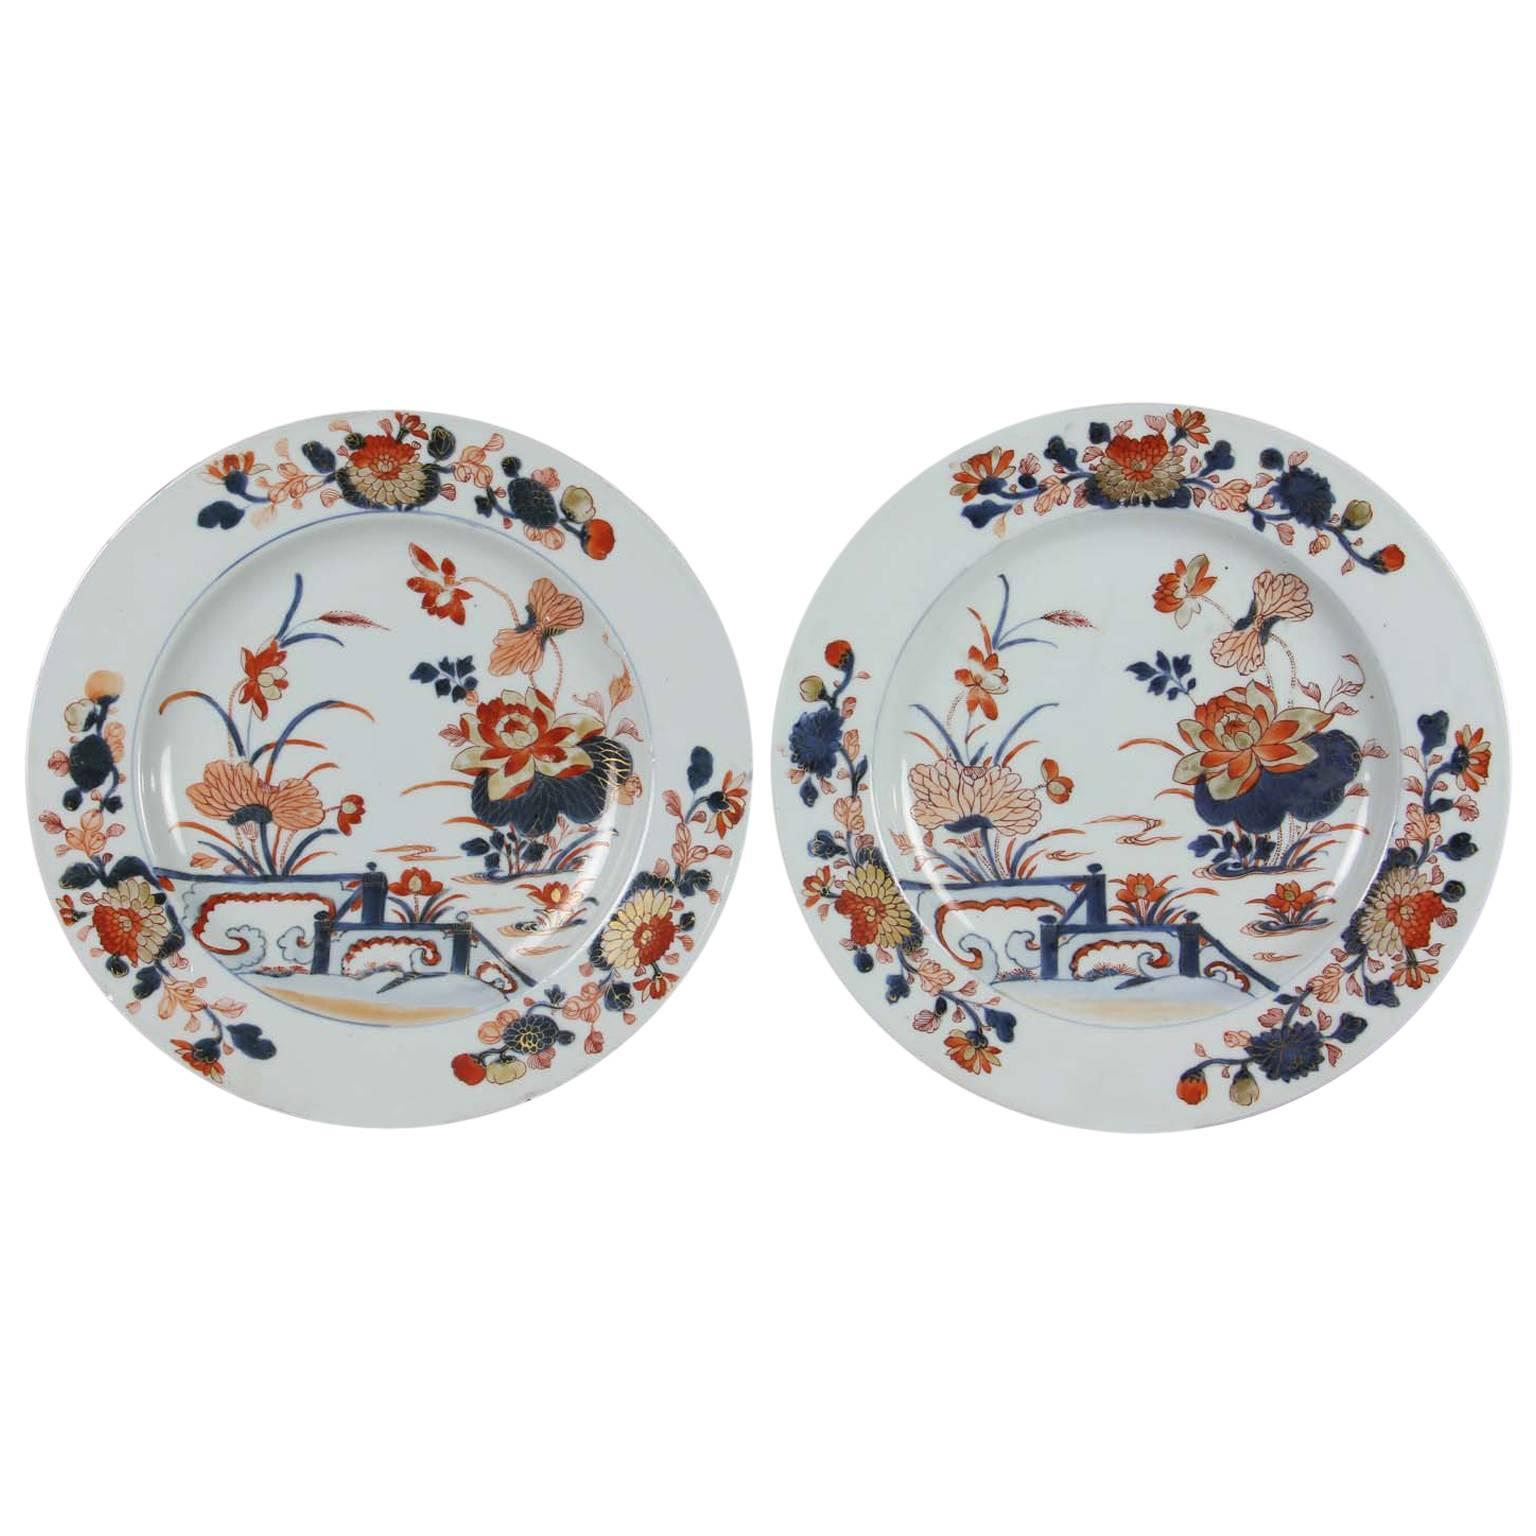 Pair of Chinese Export Imari Pattern Plates